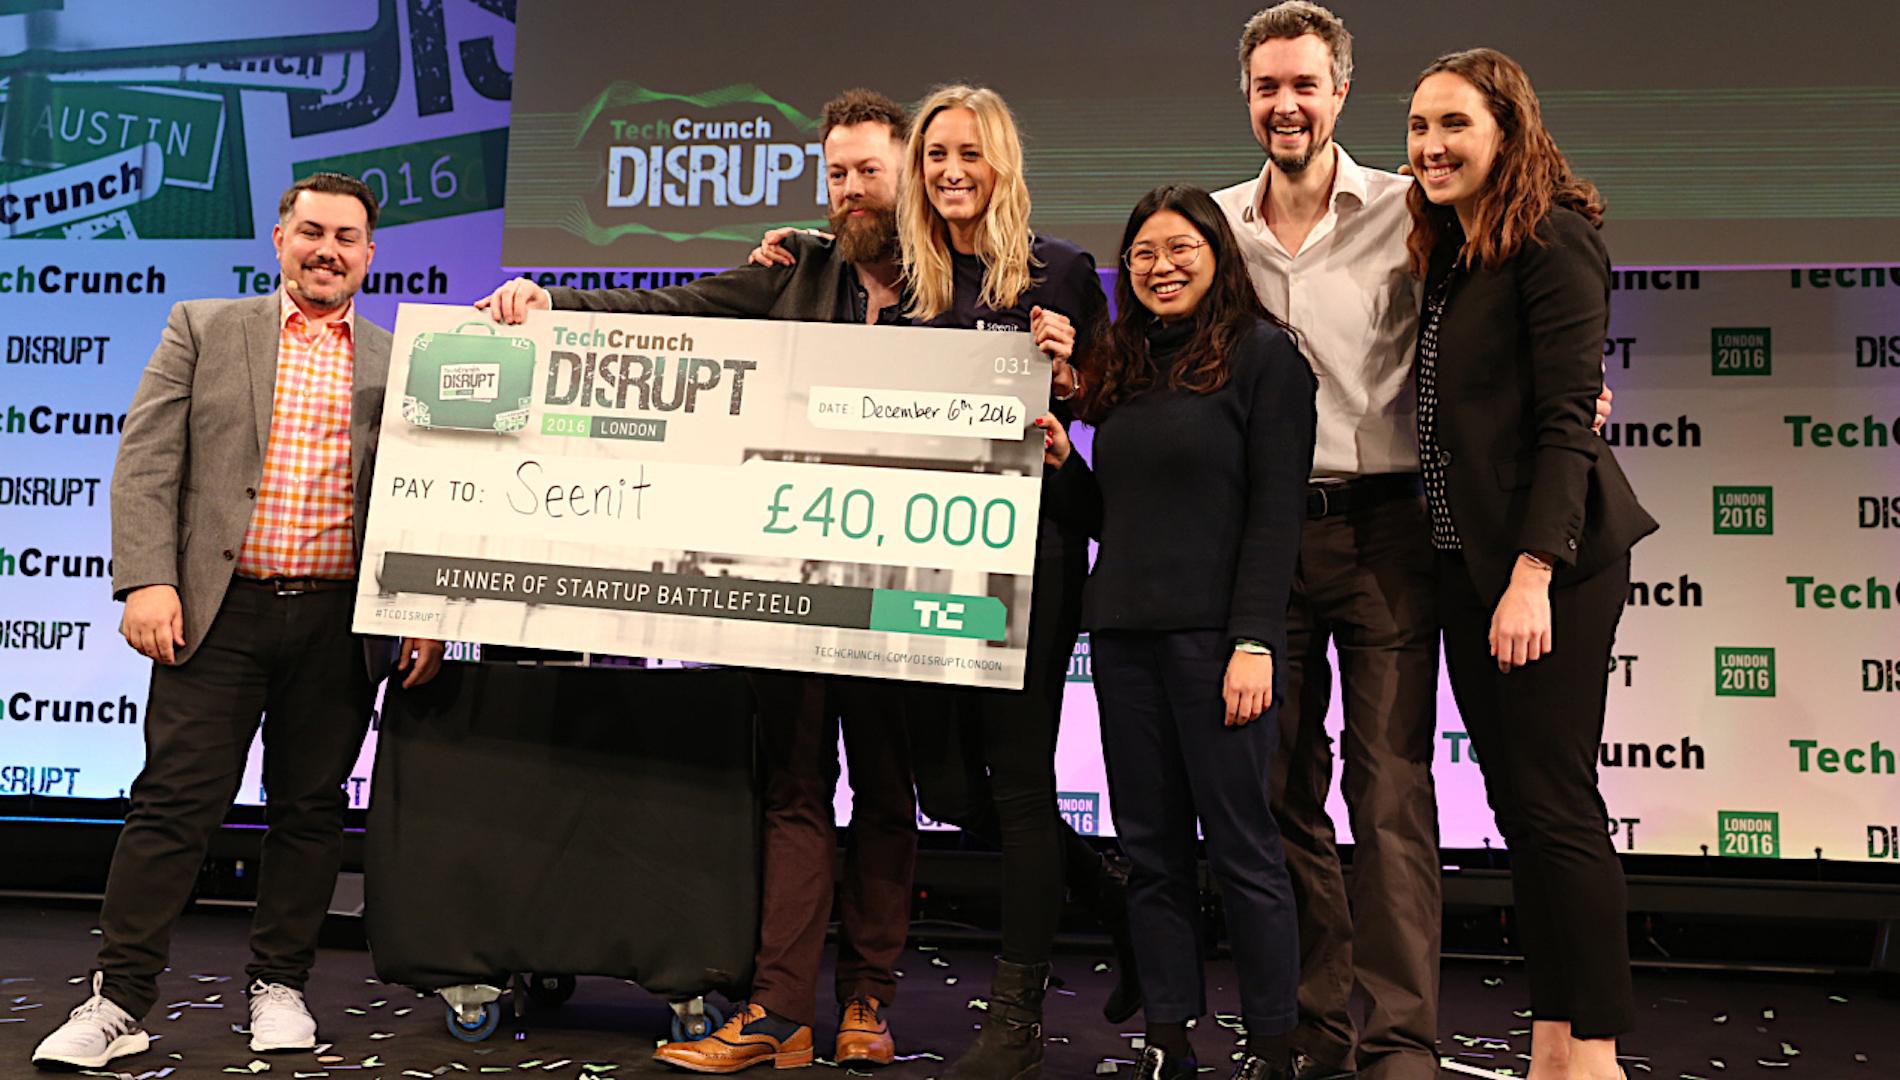 TechCrunch Disrupt 2017 Startup Battlefield